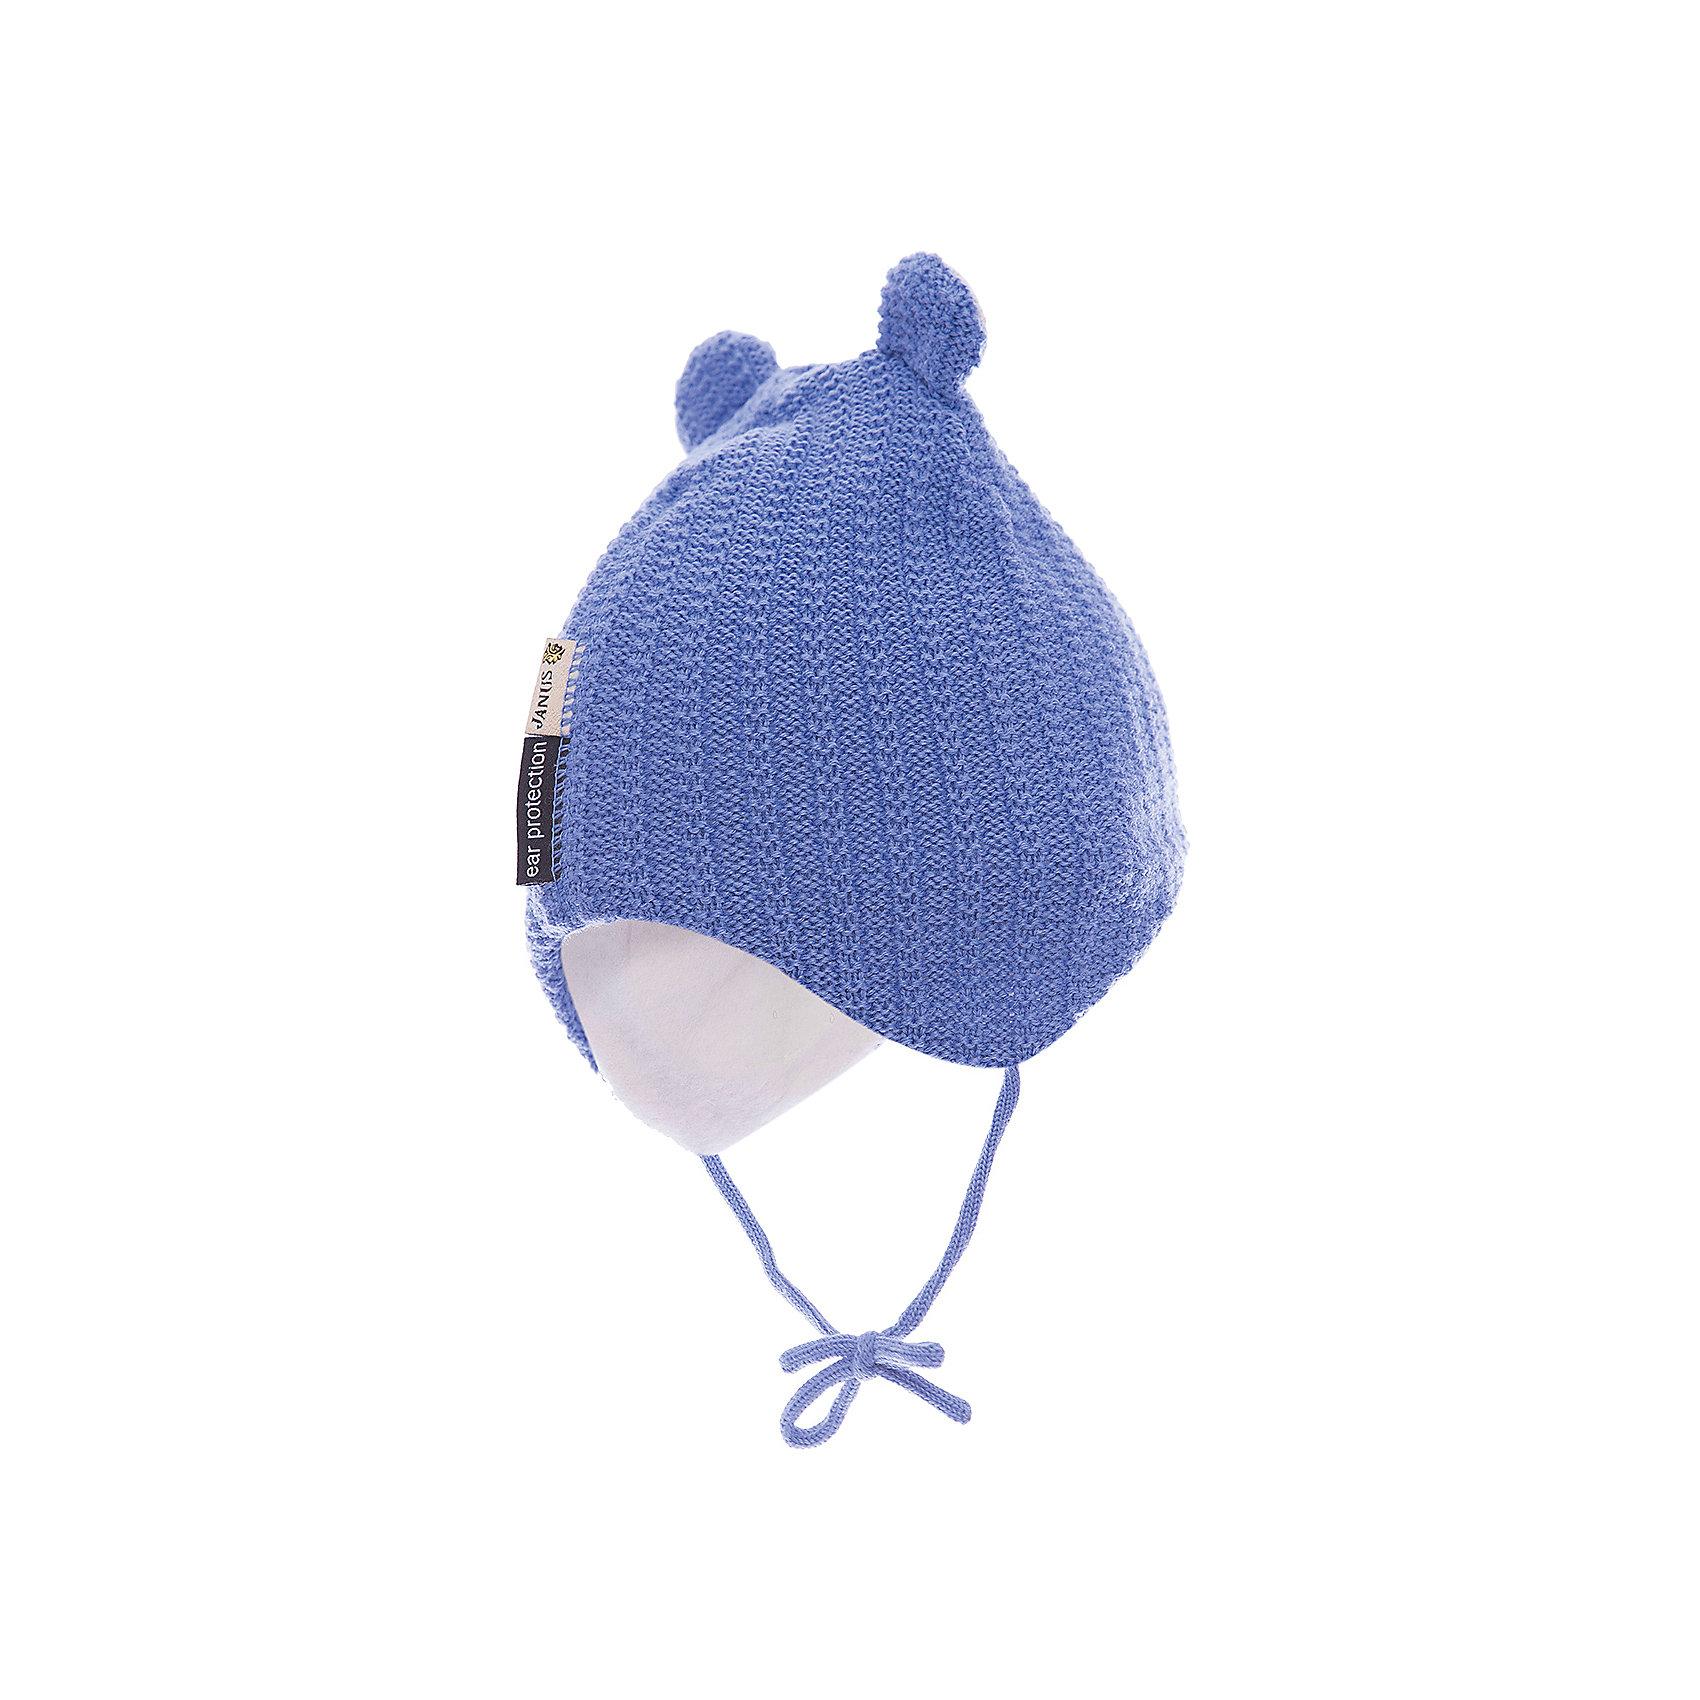 Шапка JanusШапочки<br>Шапка Janus<br>Теплая шапка, надежно защищающая головку и ушки малыша на прогулках, – обязательный элемент детской одежды в холодное время года. Плотная шерстяная шапочка из 100%-ной шерсти мериноса на подкладке из хлопкового трикотажа отвечает самым строгим требованиям заботливых родителей. Она гигроскопична, гипоаллергенна, обладает антибактериальным эффектом и прекрасно сохраняет тепло. <br><br>Благодаря завязкам шапочка плотно прилегает к головке ребенка, защищая ее от холодного ветра и мороза. А разнообразие цветовых вариантов позволит вам подобрать изделие на свой вкус. <br><br>Ребенку обязательно понравится его новая, легкая и теплая шерстяная шапочка с имитацией ушек.  Вам останется только завязать ее под подбородком малыша и отправиться вместе с ним на увлекательную зимнюю прогулку<br><br>Состав:<br>100% шерсть, подкладка 100% хлопок<br><br>Ширина мм: 89<br>Глубина мм: 117<br>Высота мм: 44<br>Вес г: 155<br>Цвет: голубой<br>Возраст от месяцев: 12<br>Возраст до месяцев: 24<br>Пол: Мужской<br>Возраст: Детский<br>Размер: 47-49,49-51<br>SKU: 5048664